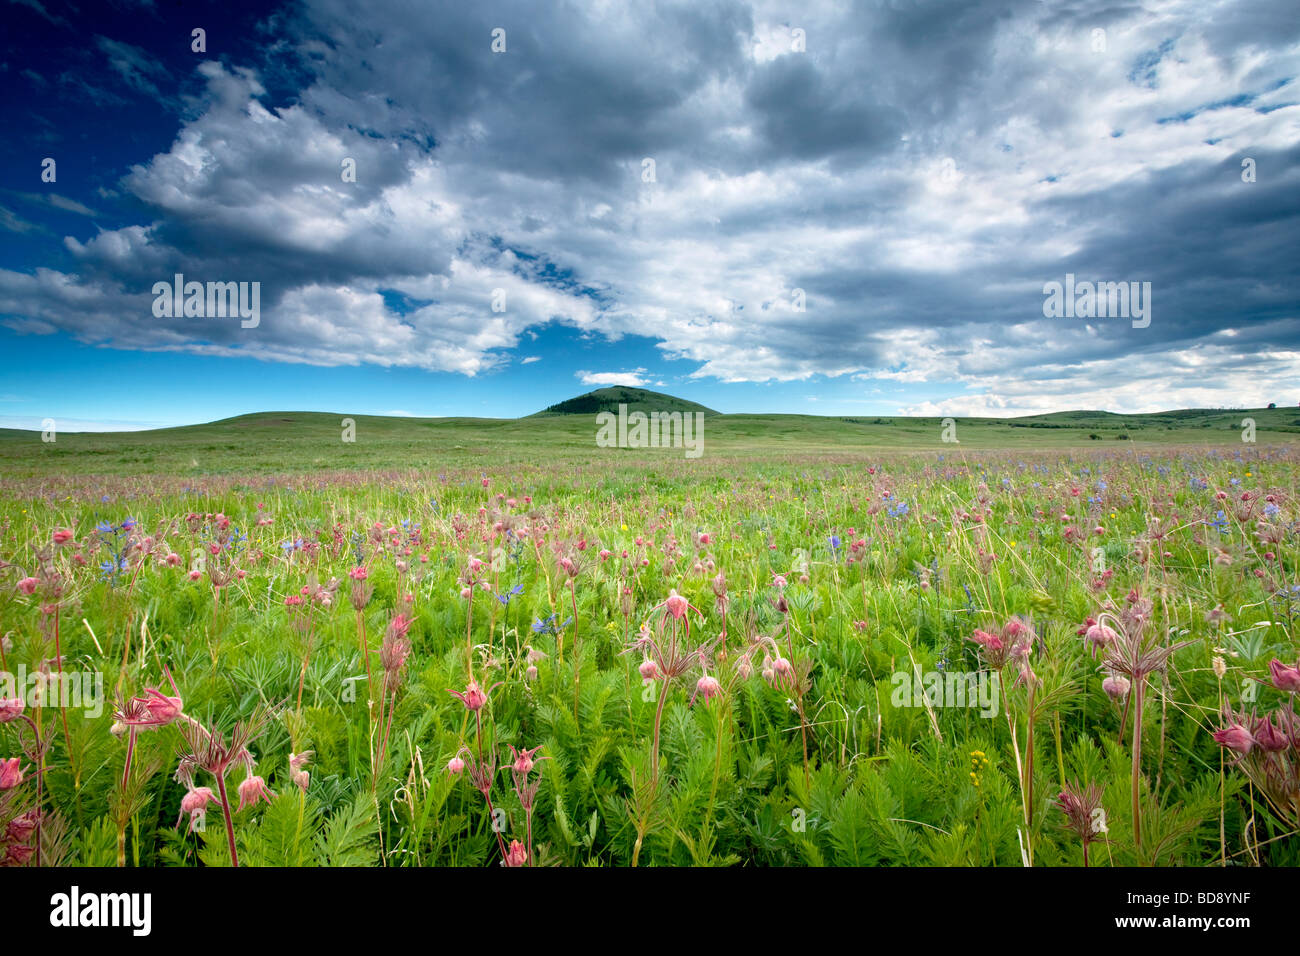 Avec la plupart des prairies Zumwalt fumée Geum triflorum fleurs sauvages des Prairies Prairie Zumwalt Oregon Photo Stock